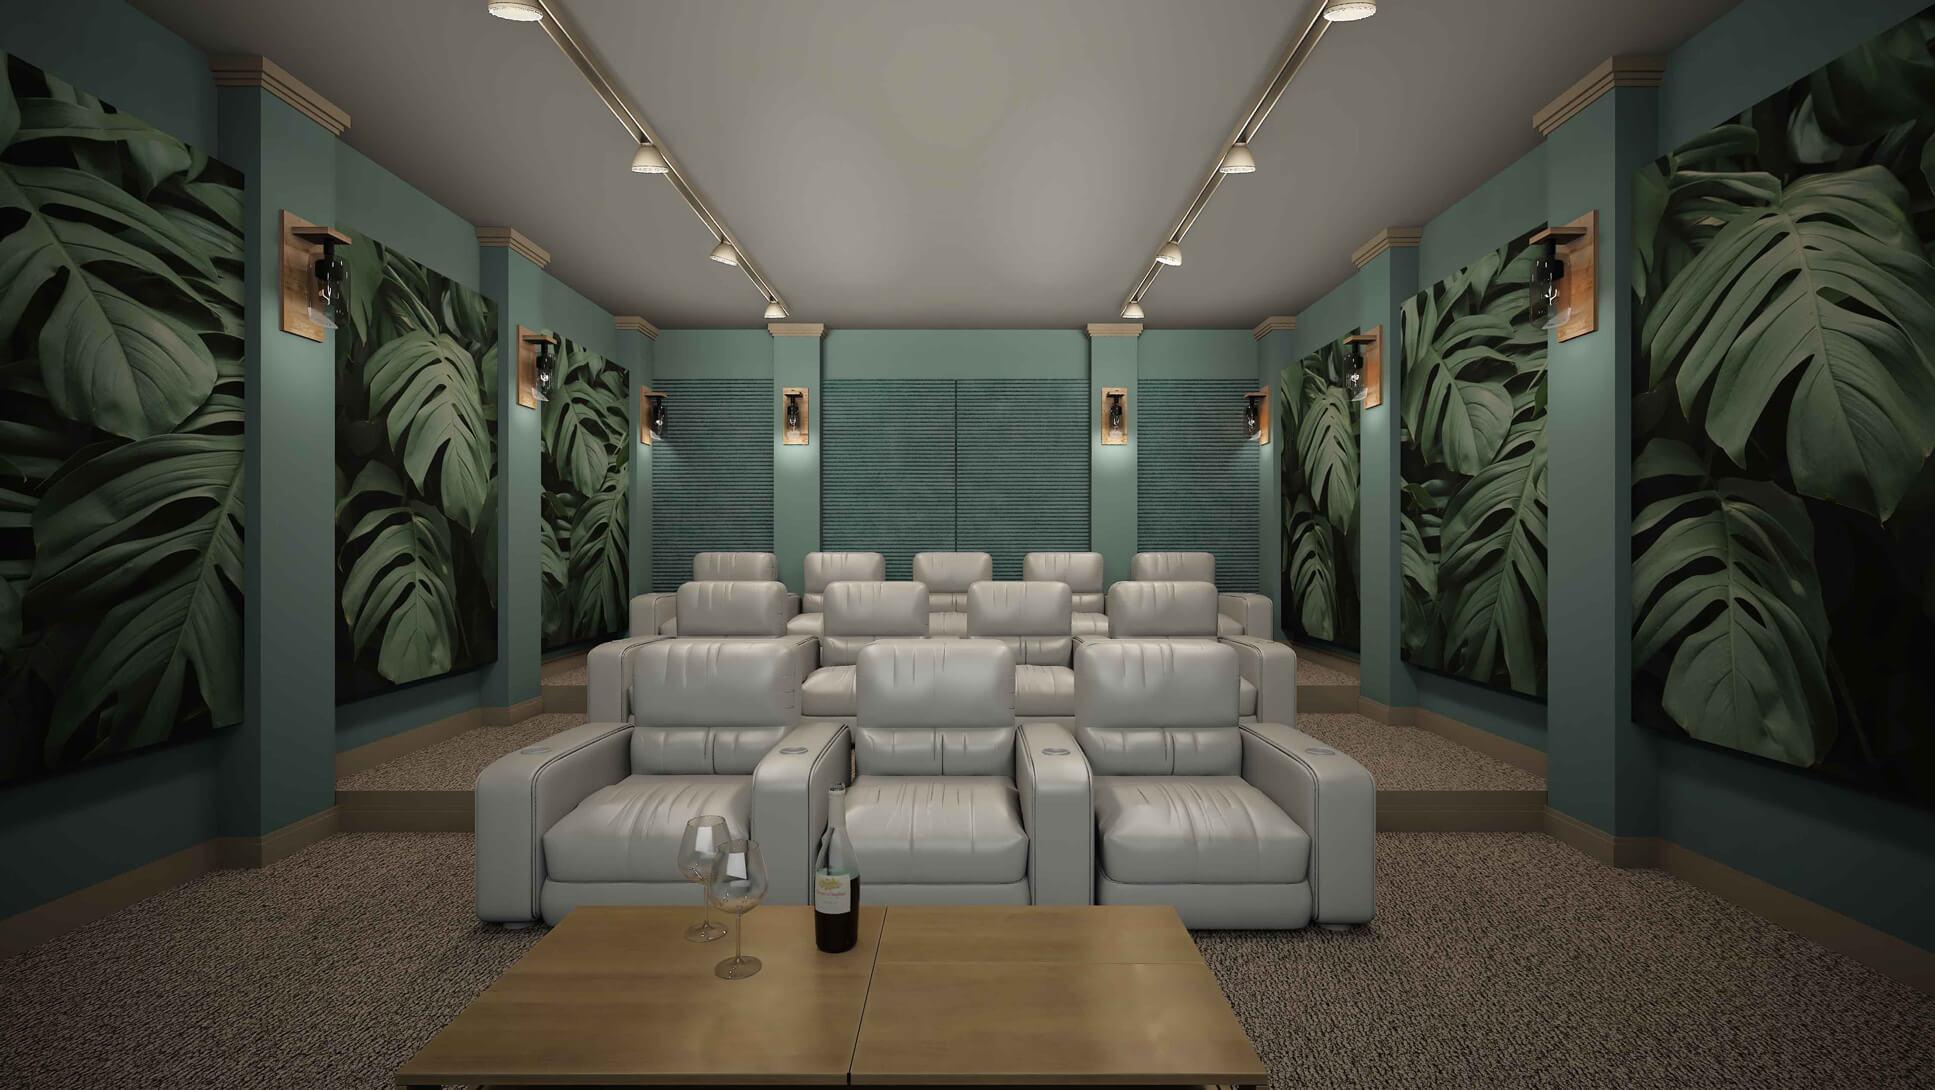 سینما شخصی و سینمای خصوصی